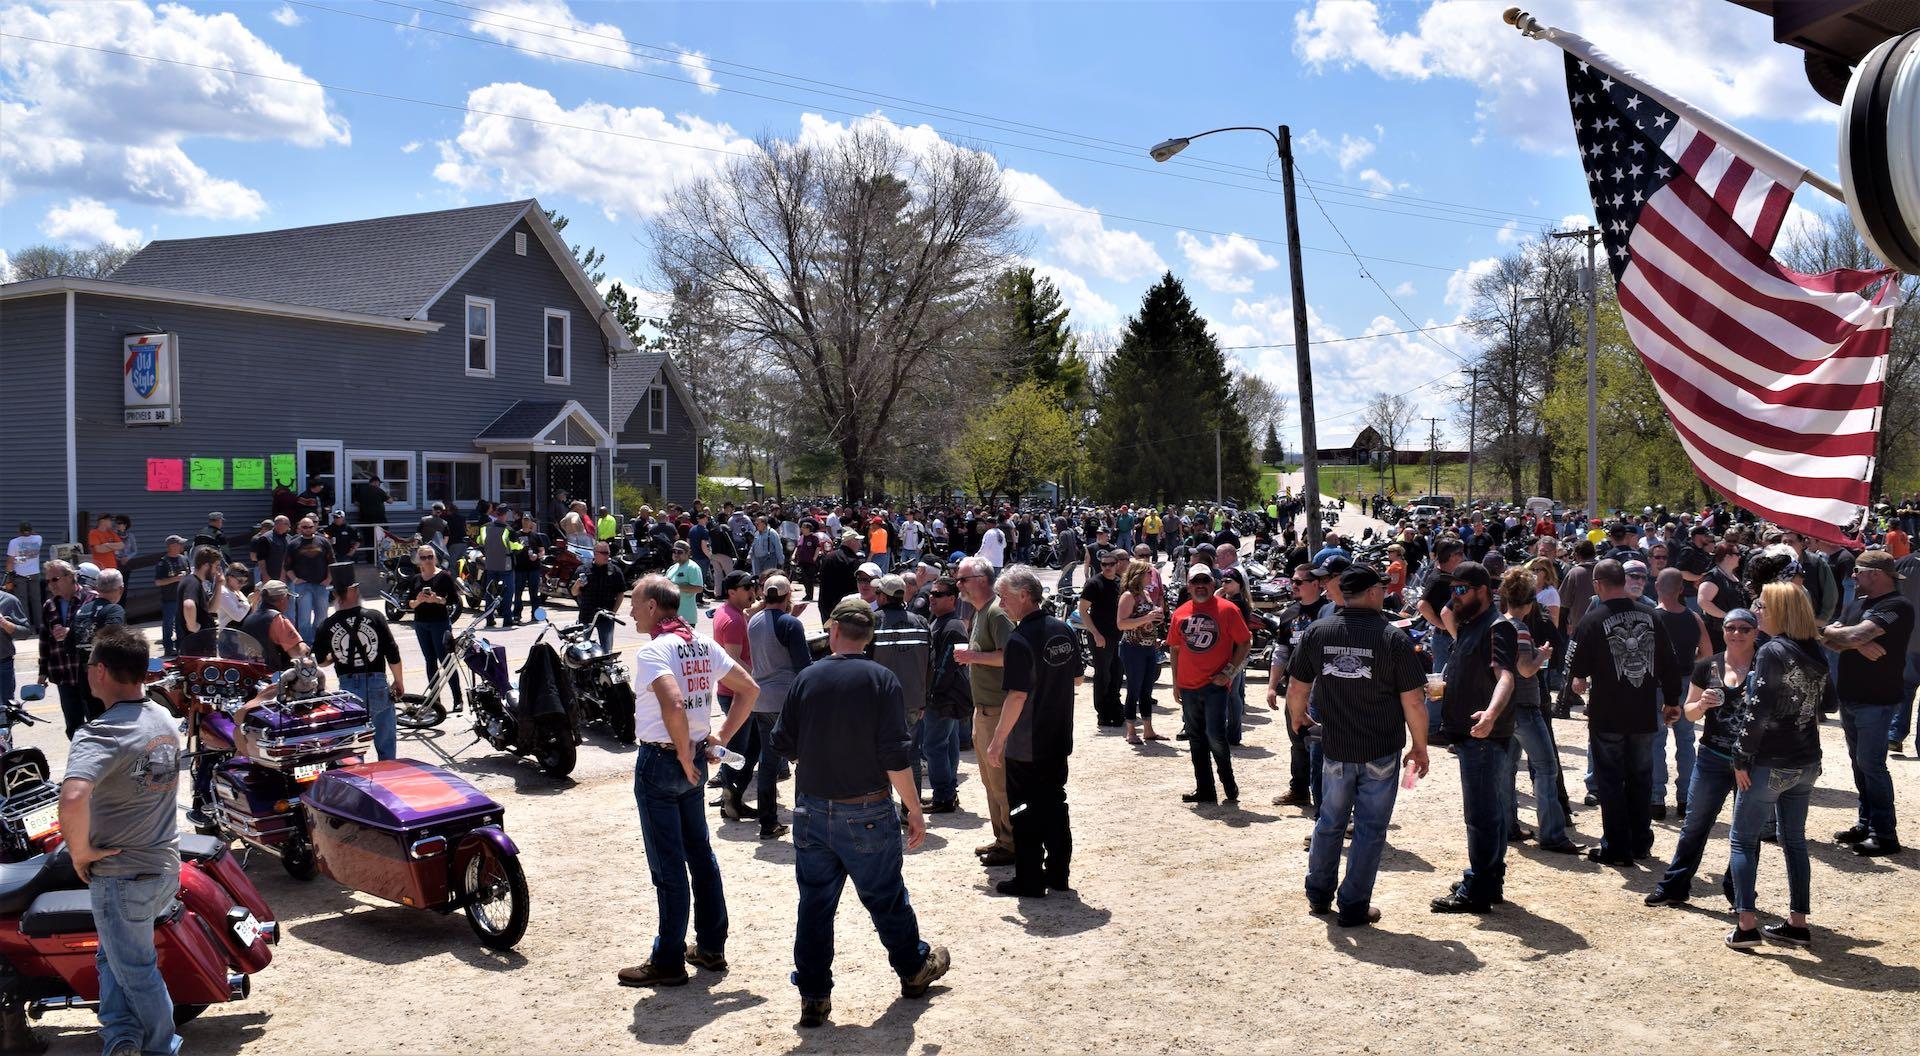 Leland Motorcycle rally